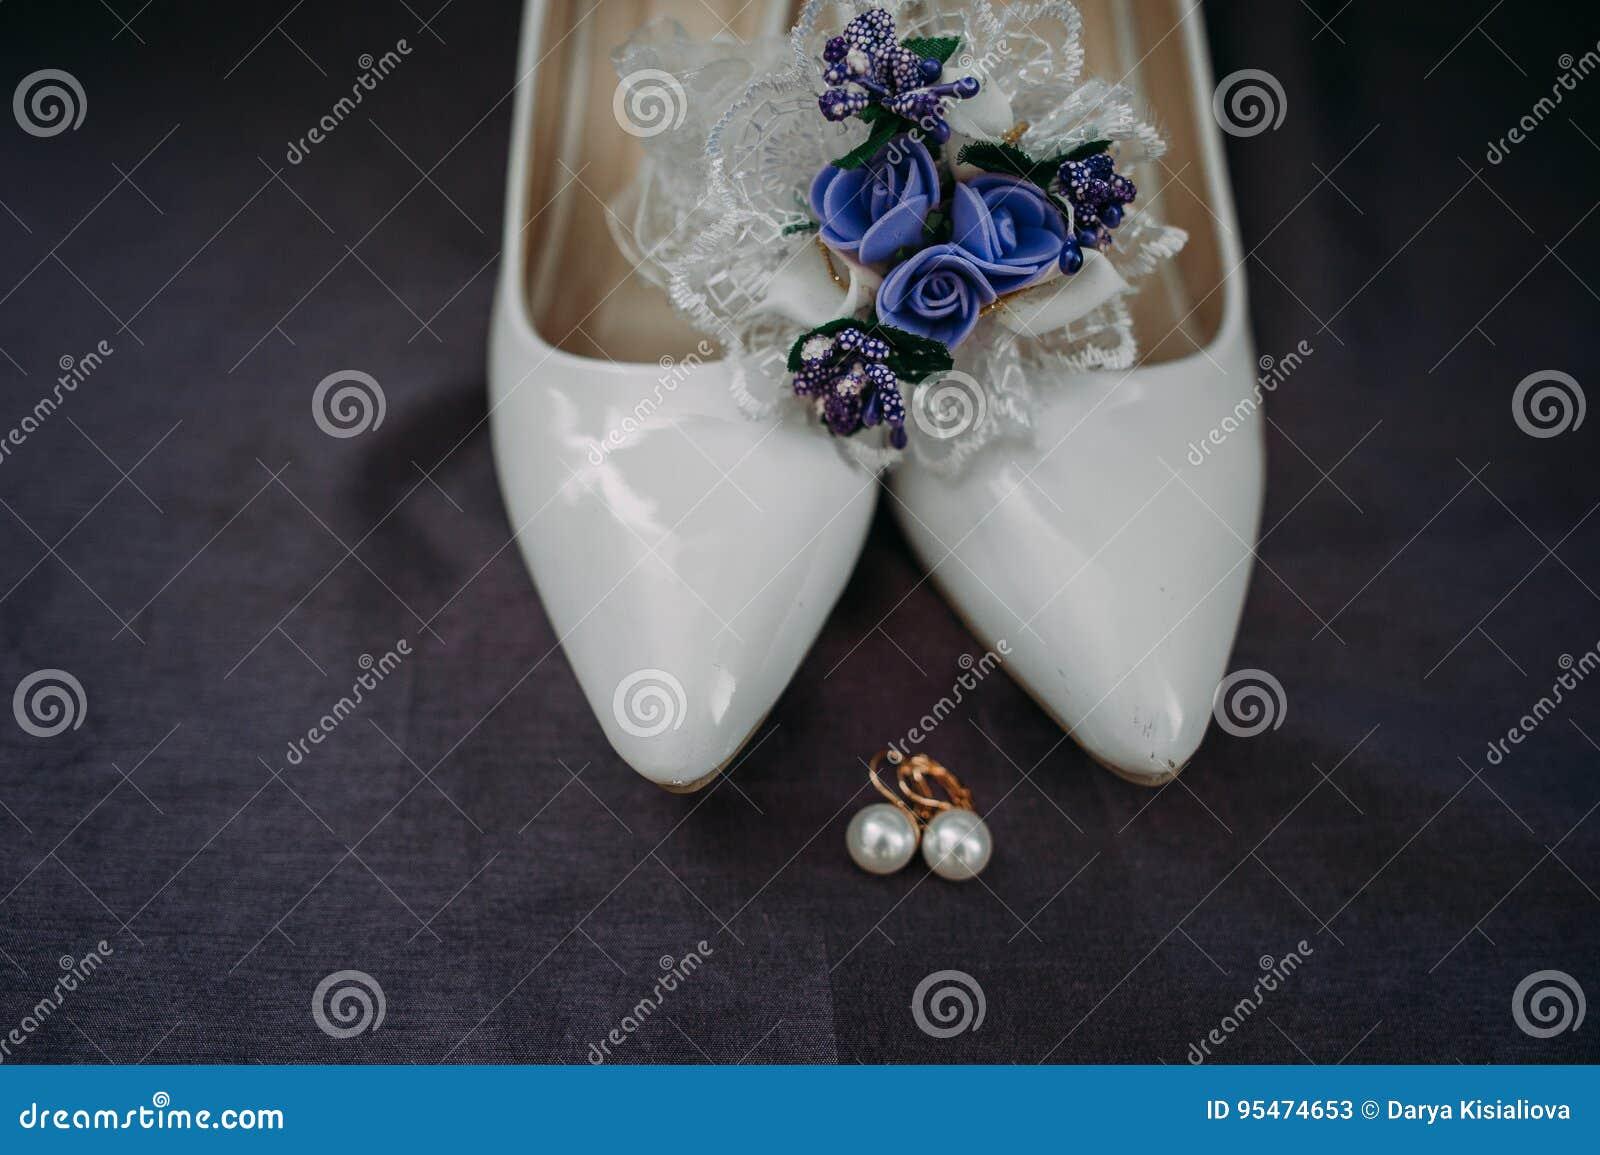 Acessórios da noiva: ate a blusa, liga, planos do bailado, sapatas alto-colocadas saltos